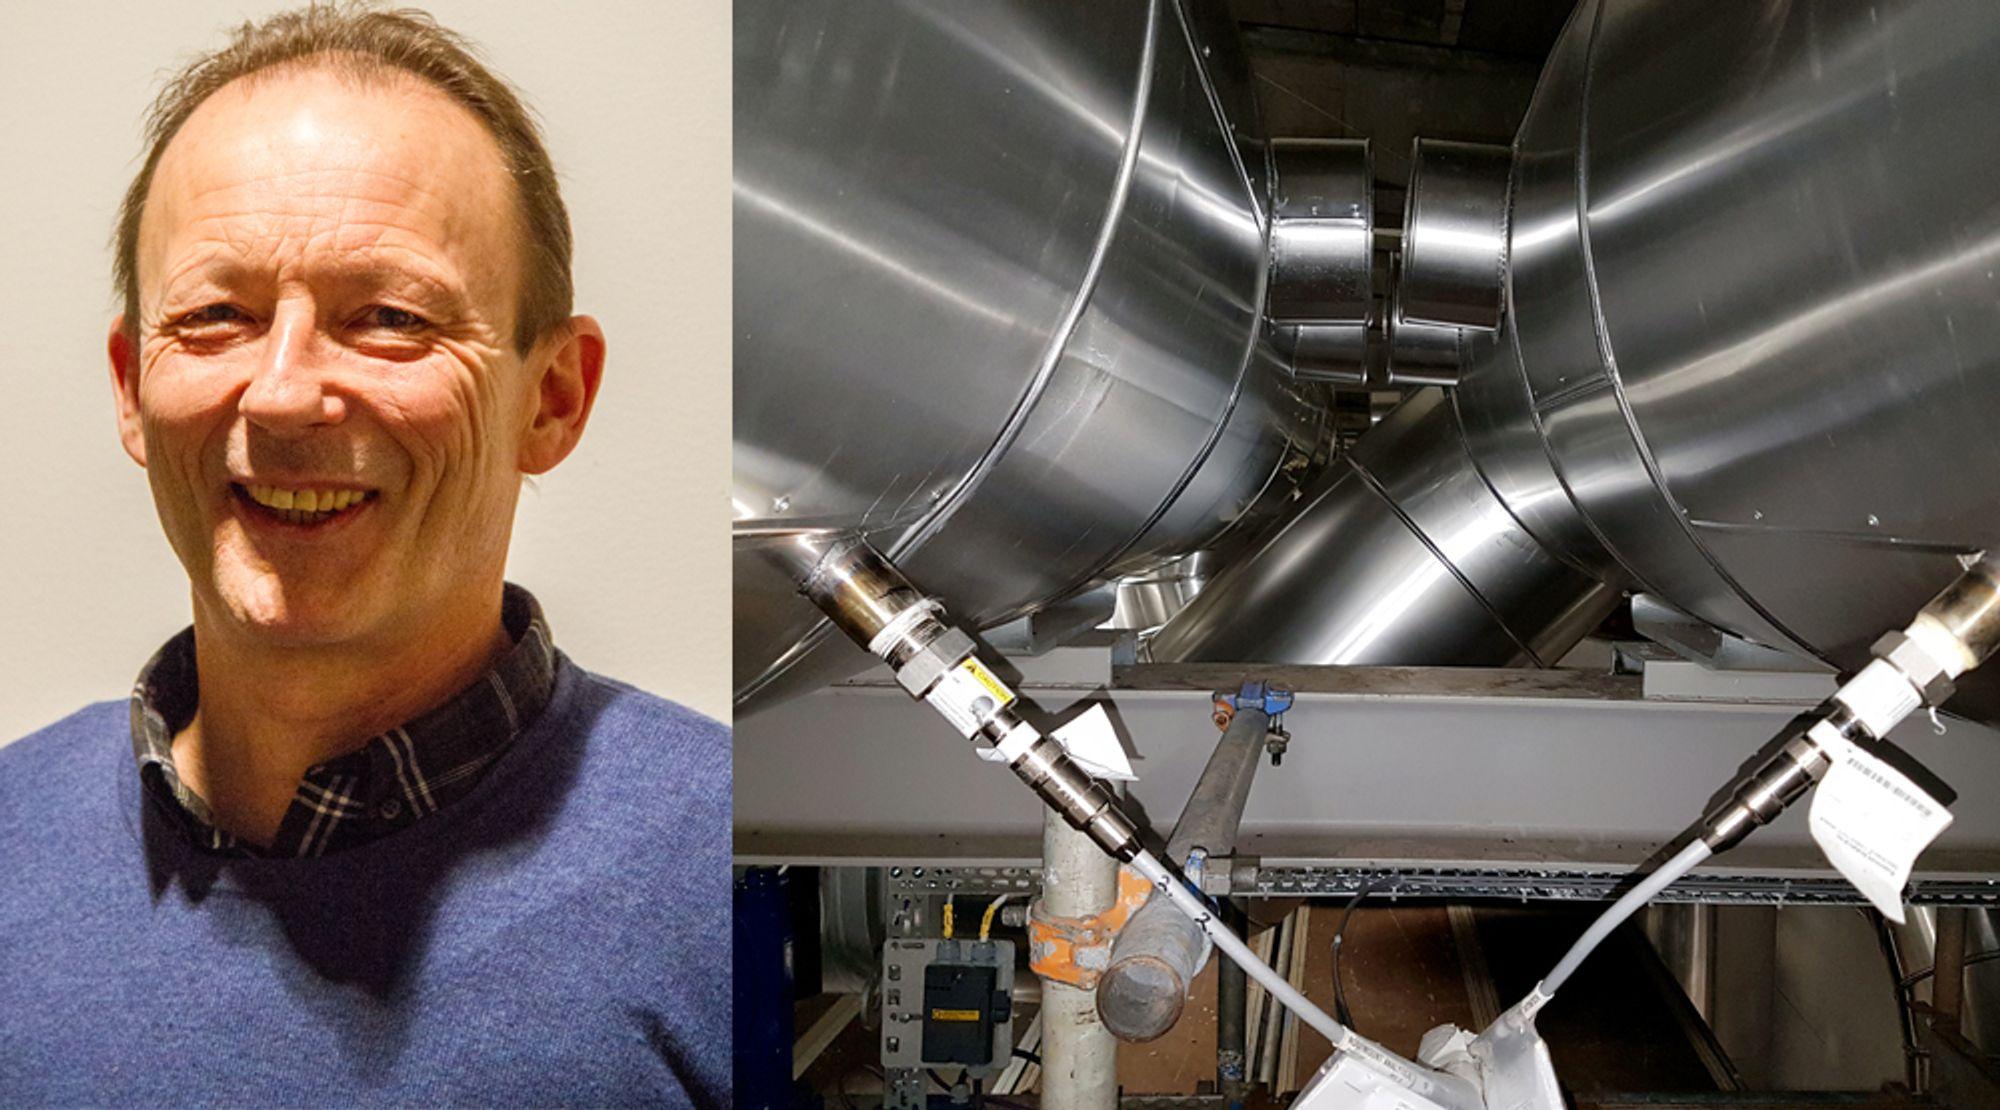 Oppfinner: Anders Meeg har brukt opp mot 20.000 timer med rådata, regneark og matematikk for å utviklet et system som i sanntid kan måle ammoniakklekkasjer. – Jeg har møtt stor forståelse hos min arbeidsgiver Norsk Energi, sier han.